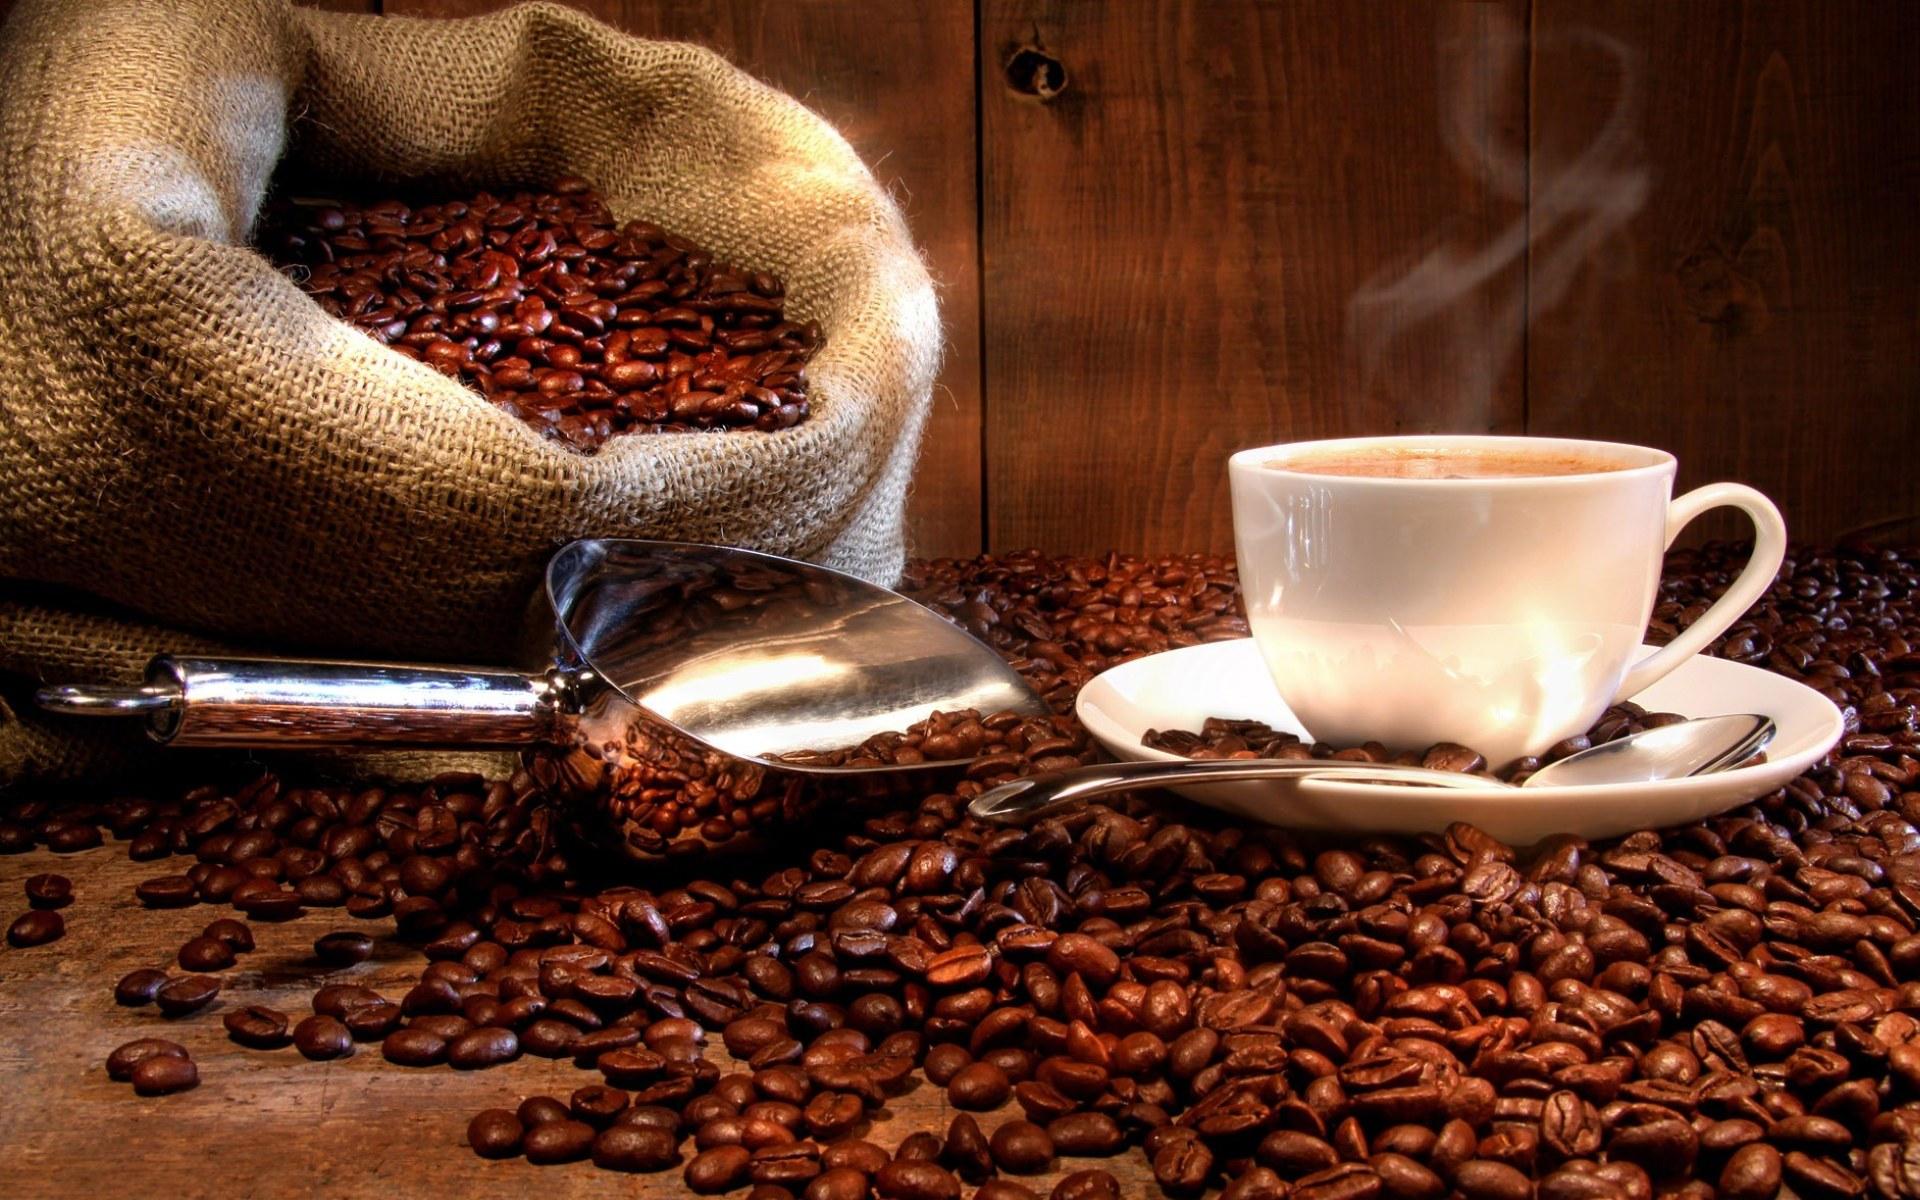 Кофеноос морфинээс илүү тайвшруулдаг бодис олжээ